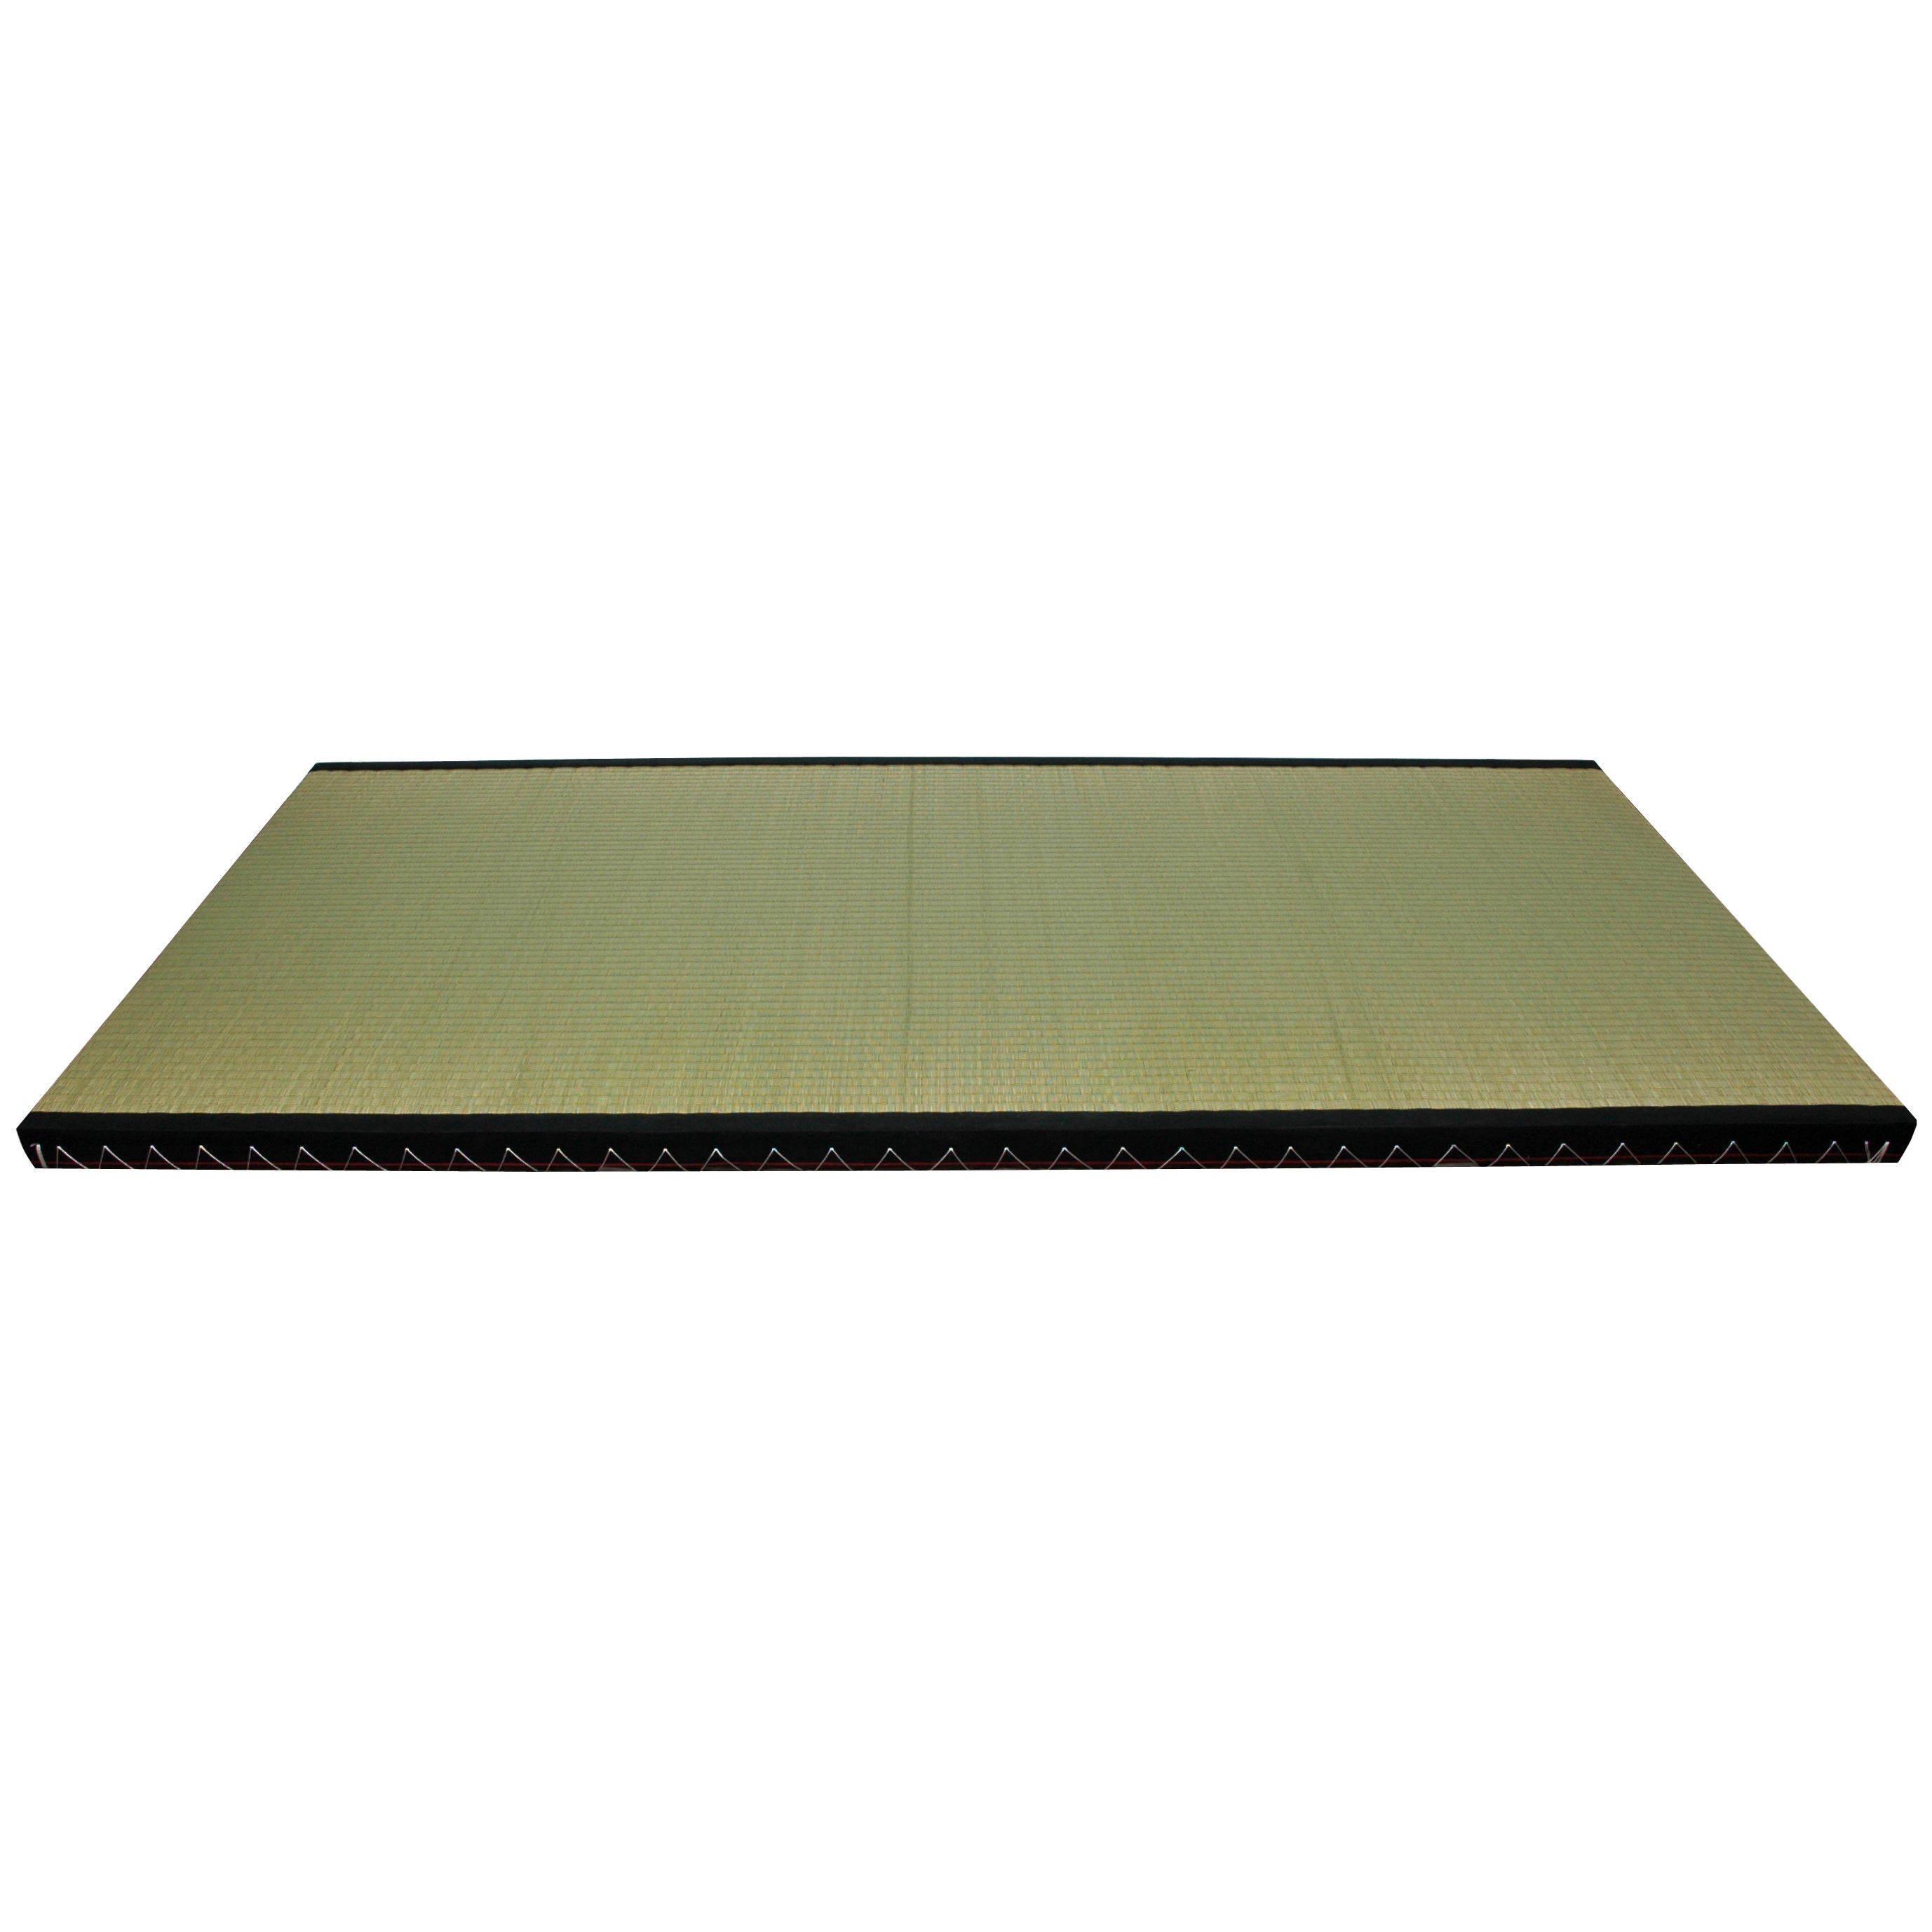 Handmade Euro King Tatami Mat (China), Green (Natural Fib...